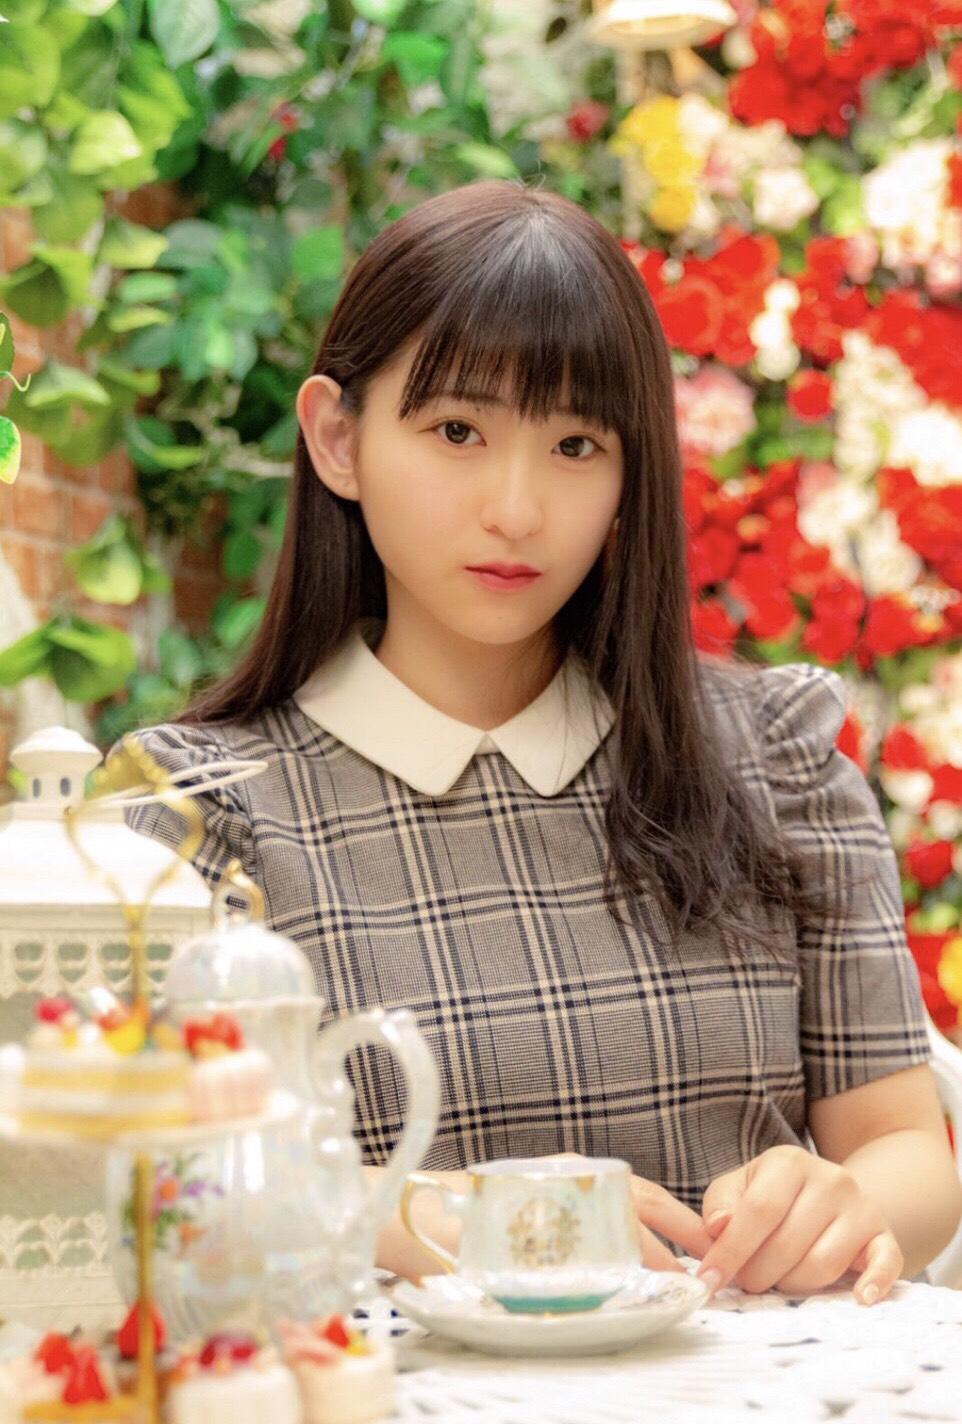 8月5日(日)宇佐美えりさん 上野公園リクエスト撮影会開催決定です!